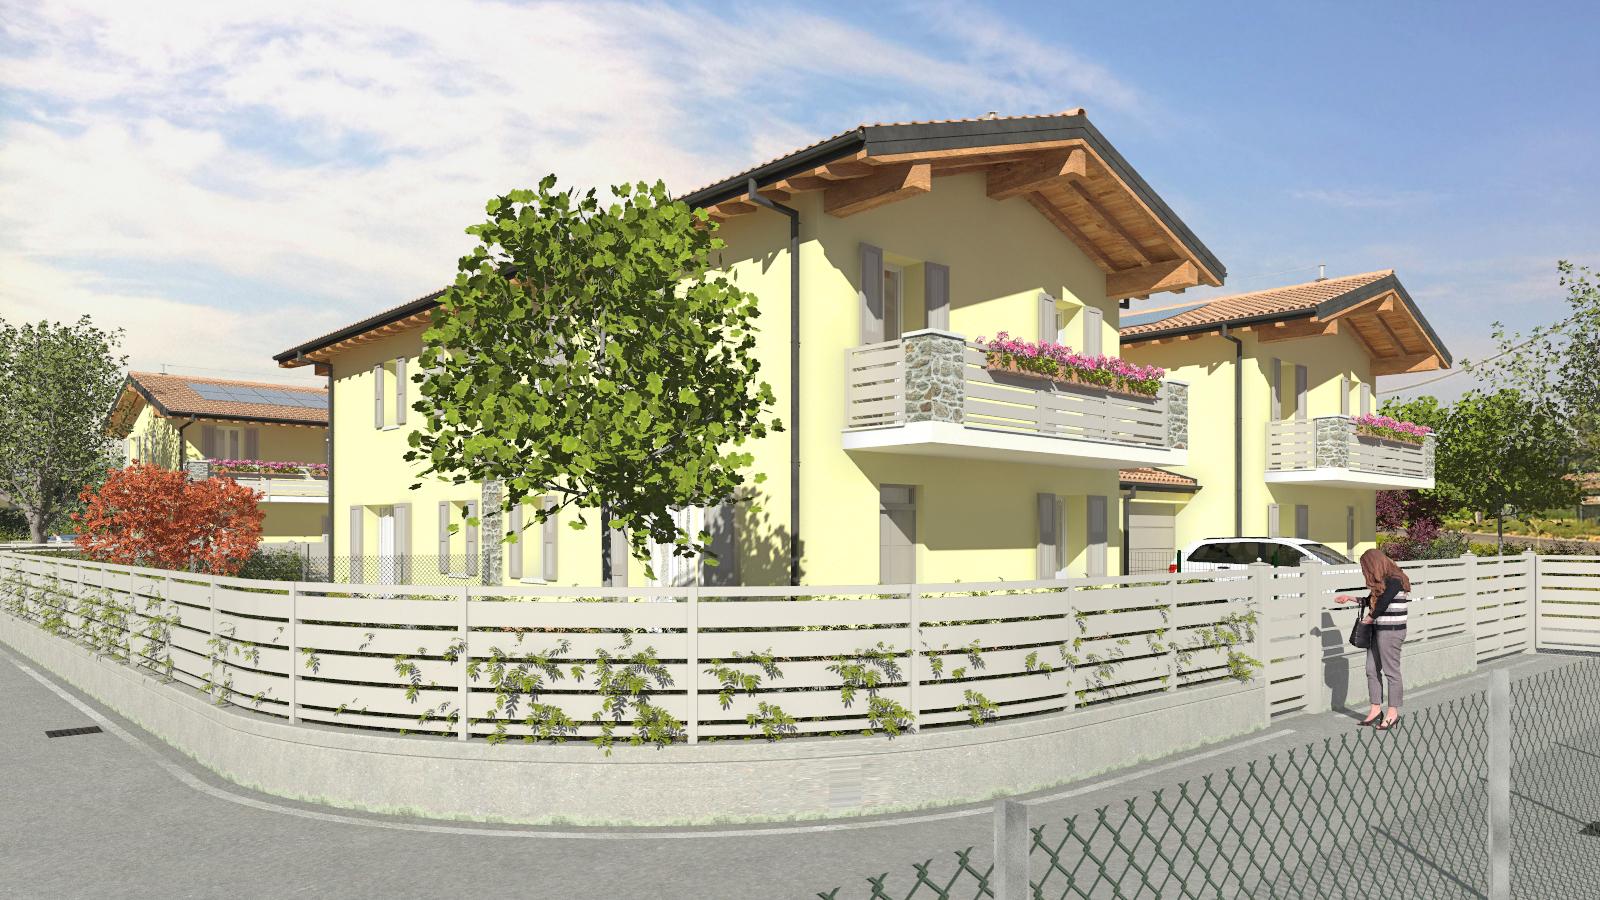 Montecchio E. – Ville Quadrifoglio (Villa B4)